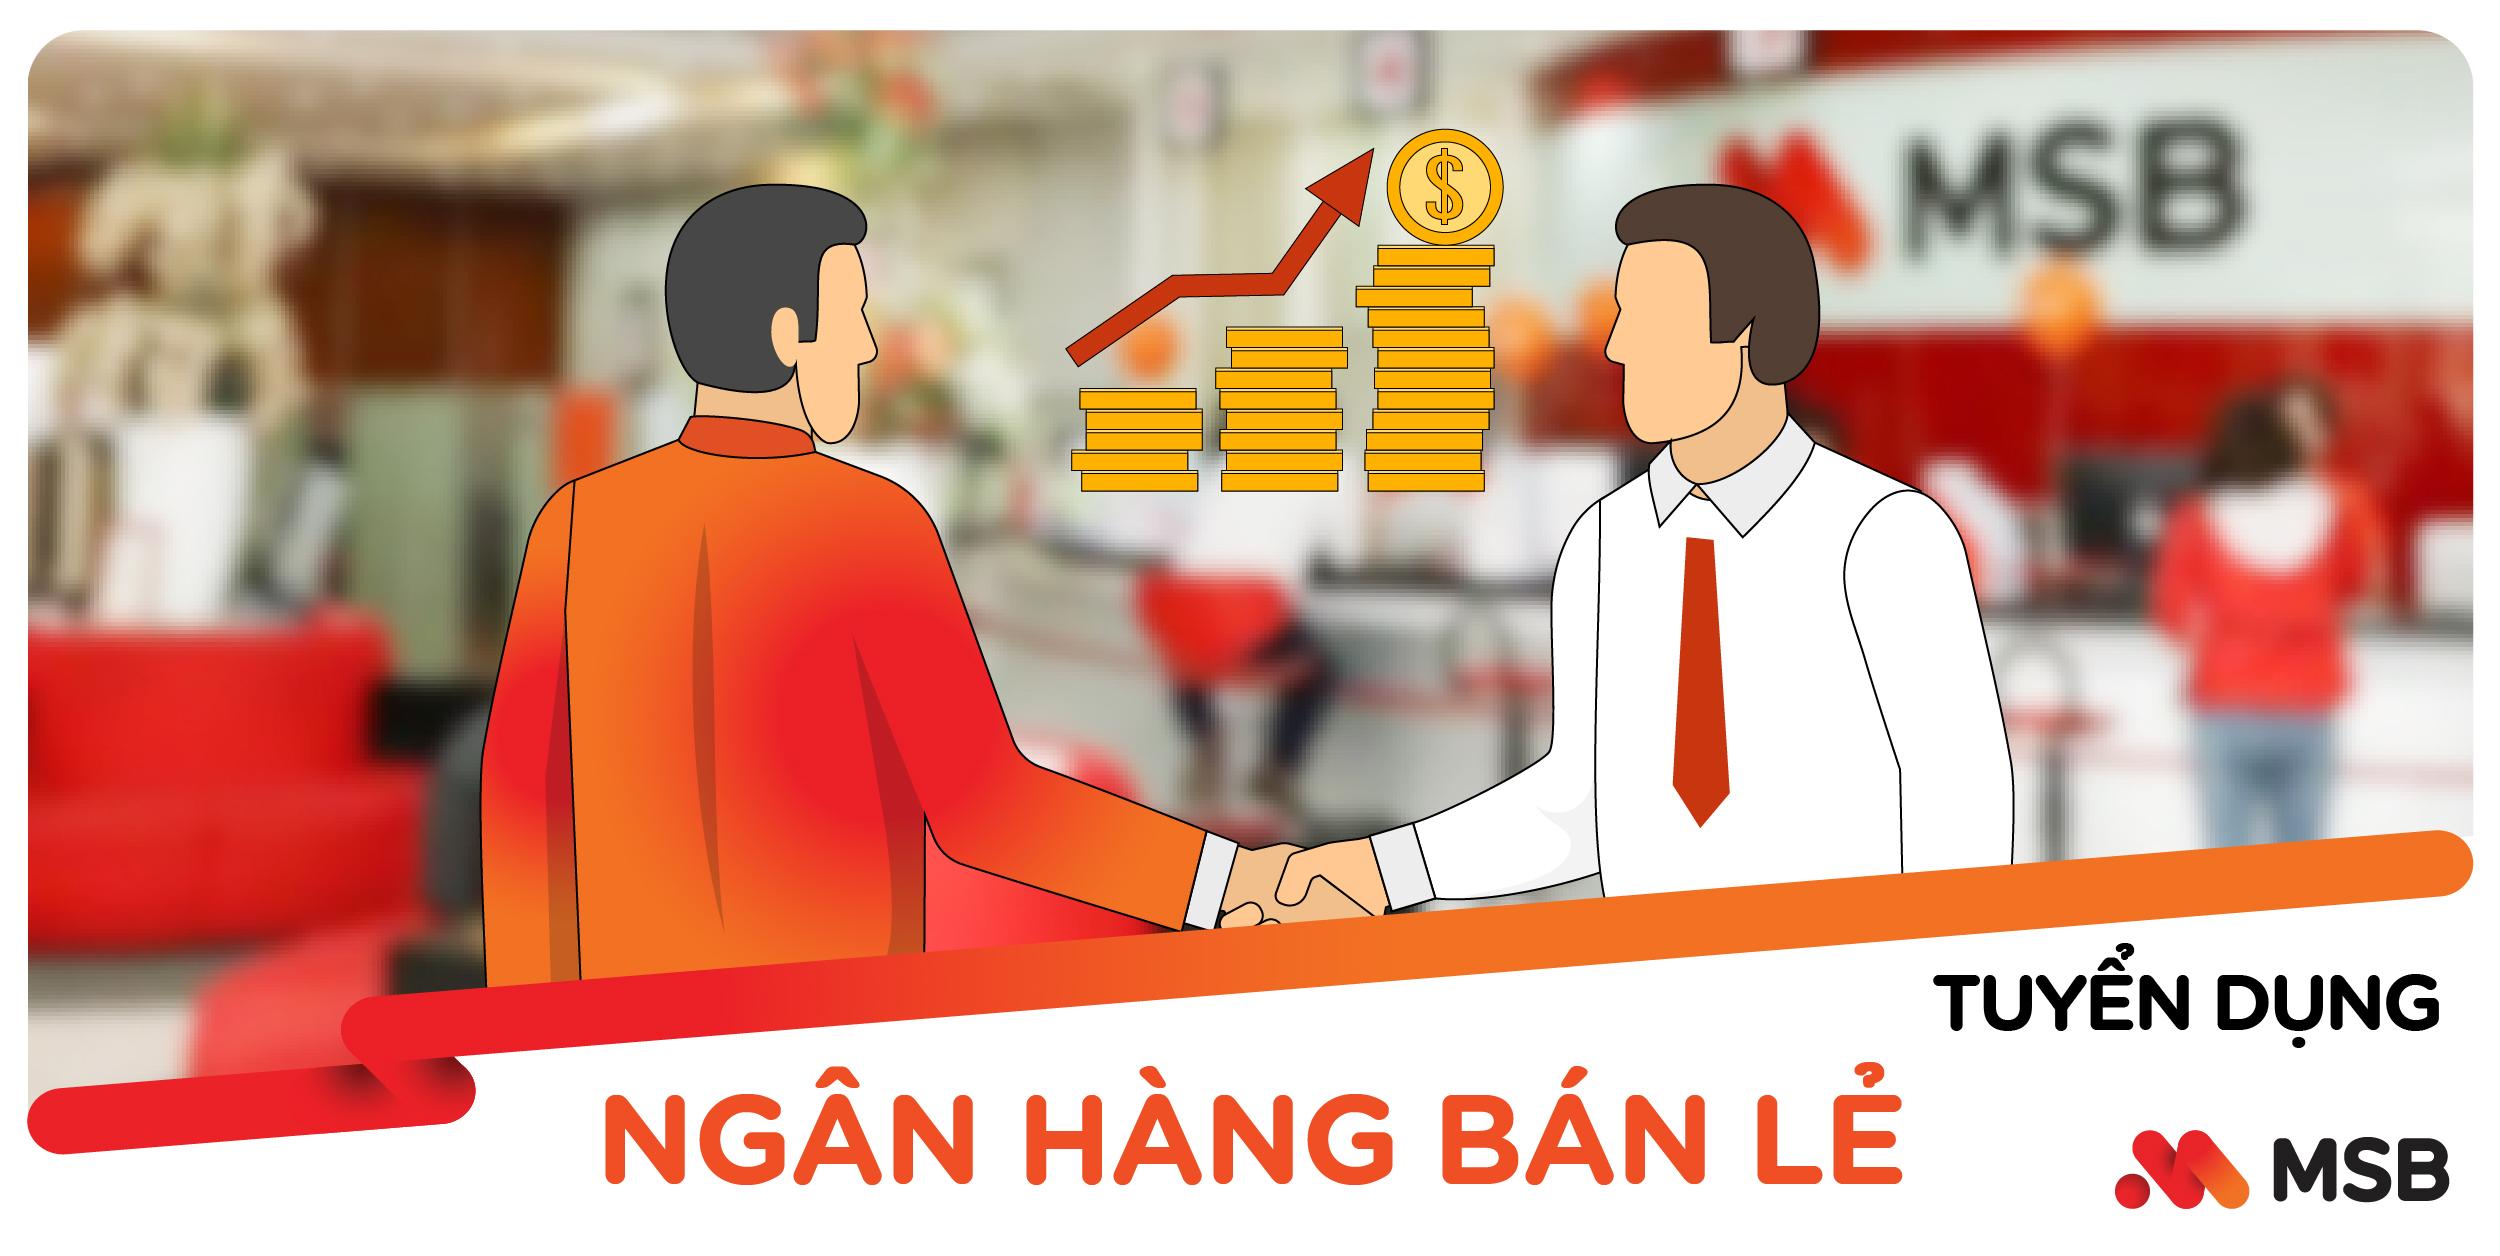 [HR NEWS] TUYỂN DỤNG KHỐI NGÂN HÀNG BÁN LẺ - THÁNG 3/2019